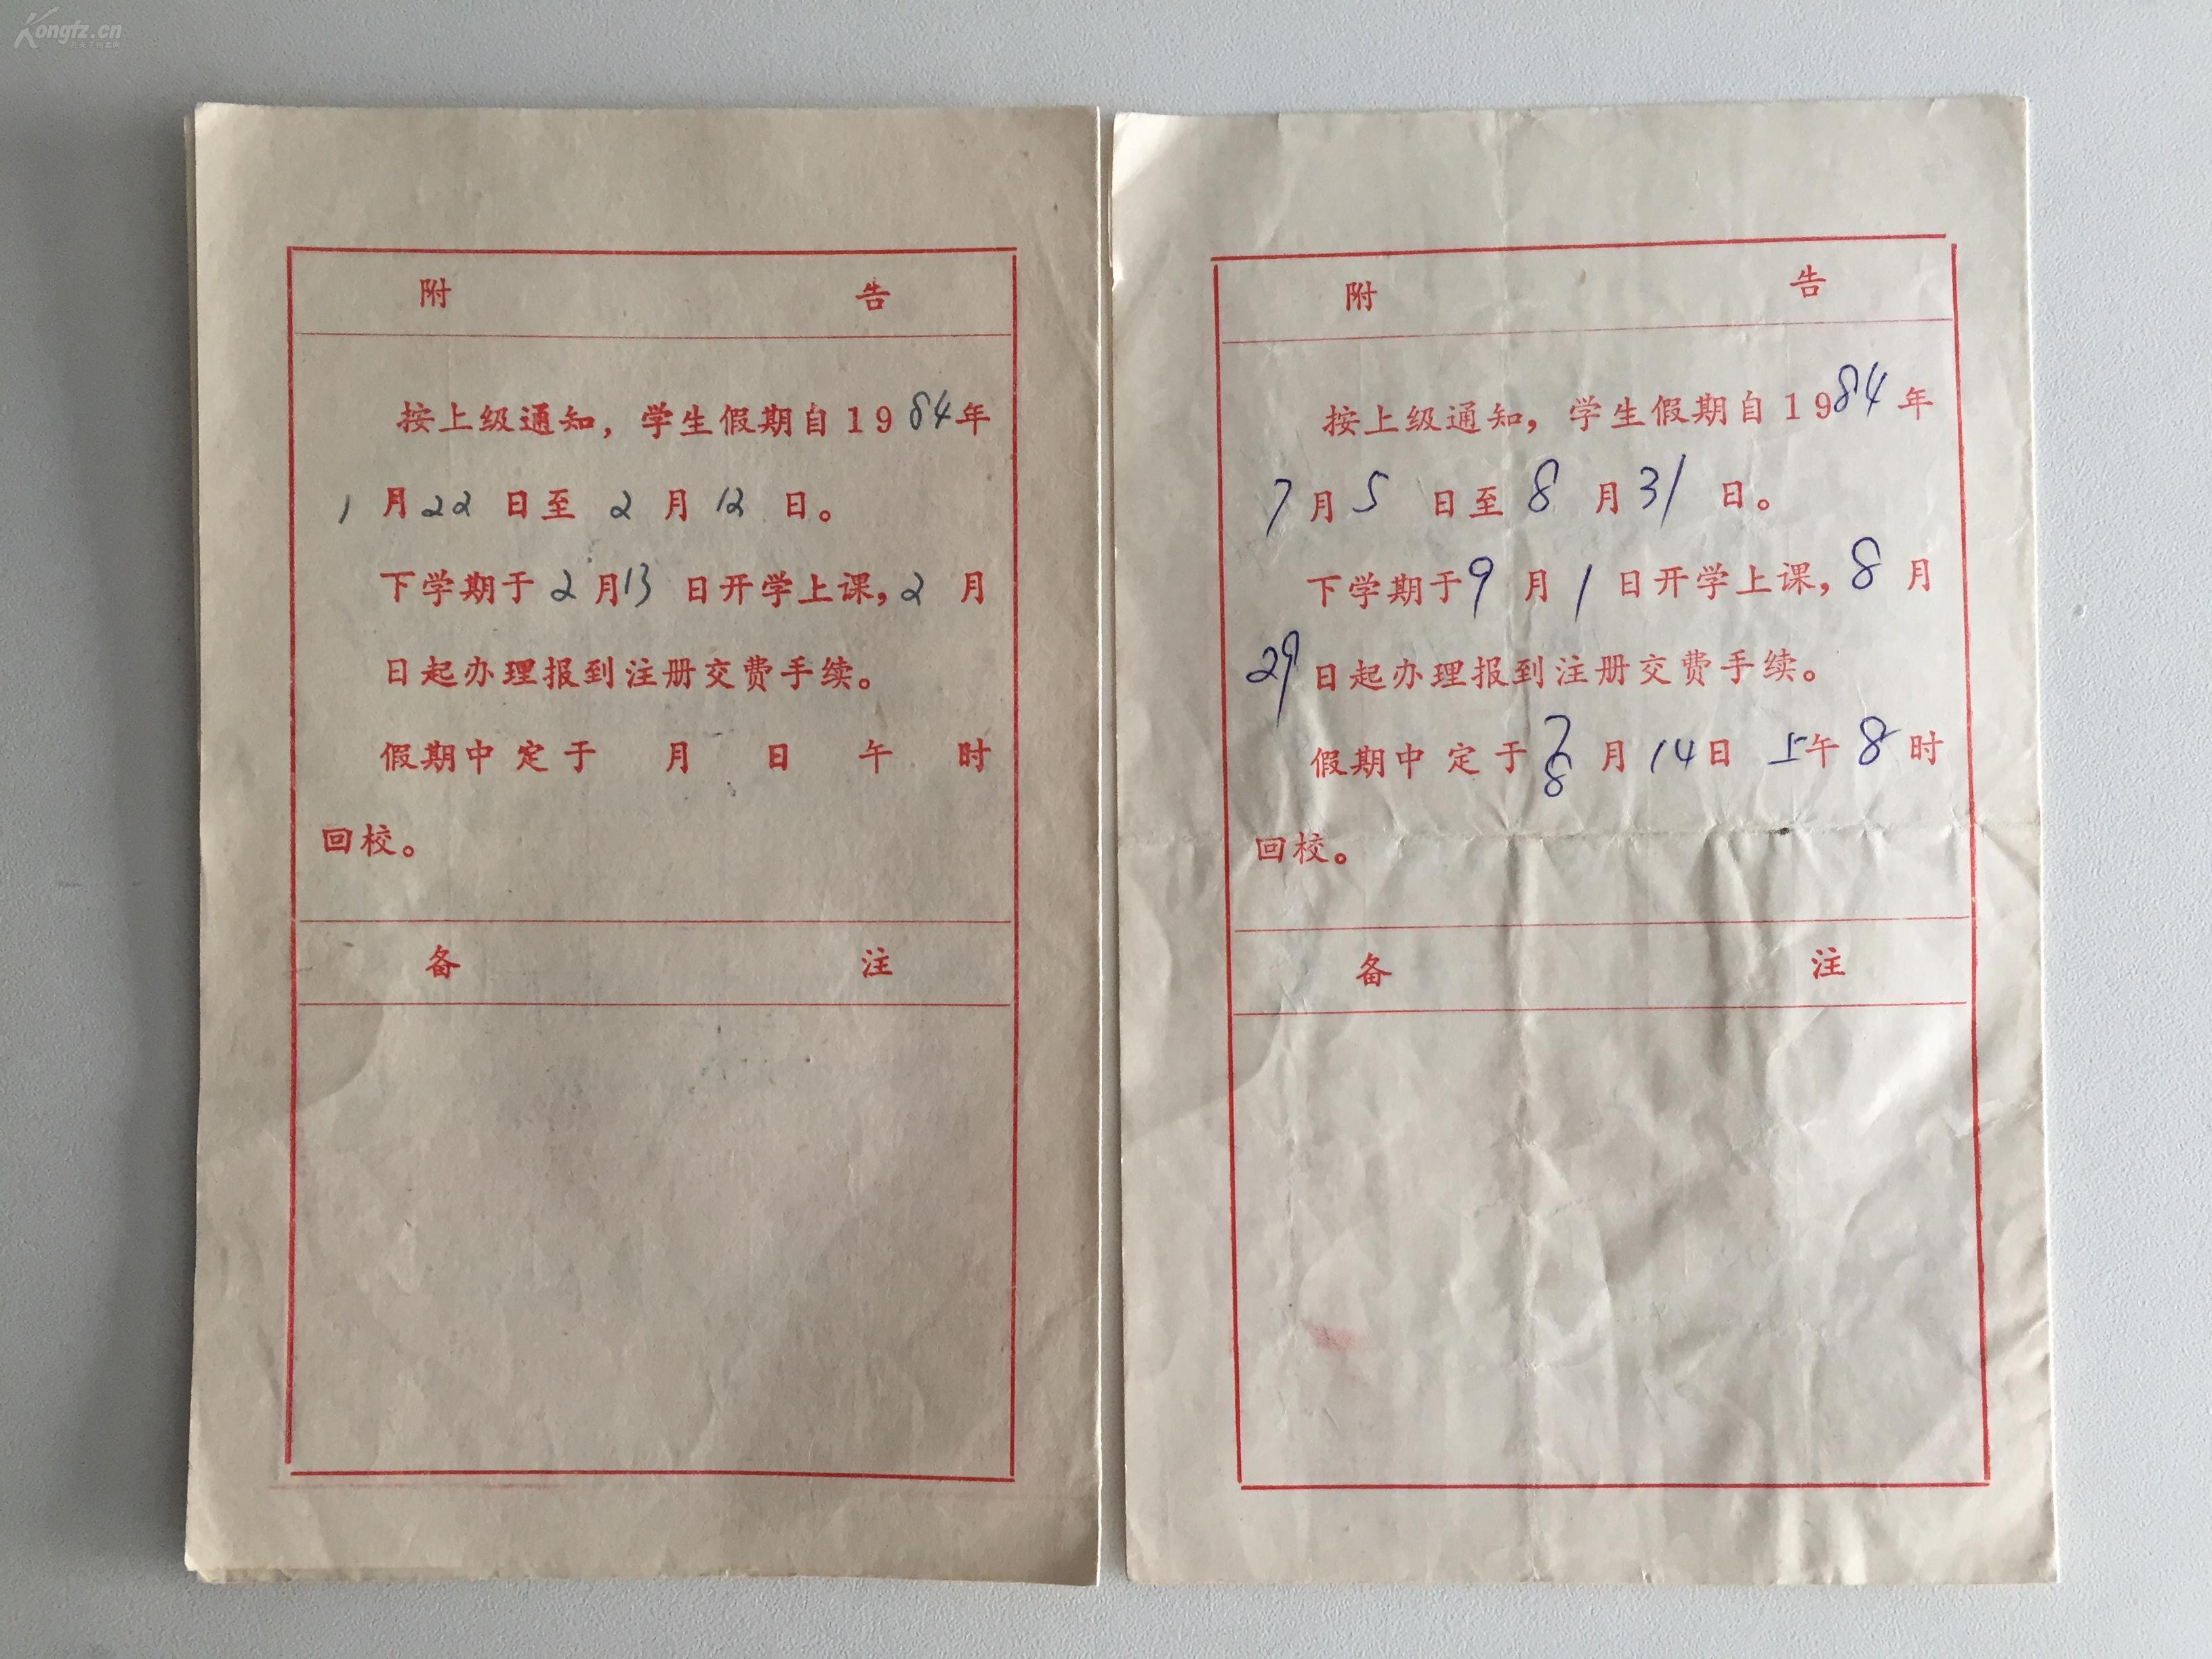 1984年苏州市中街路小学五(乙)班《学生情况河北省中小学学籍管理图片